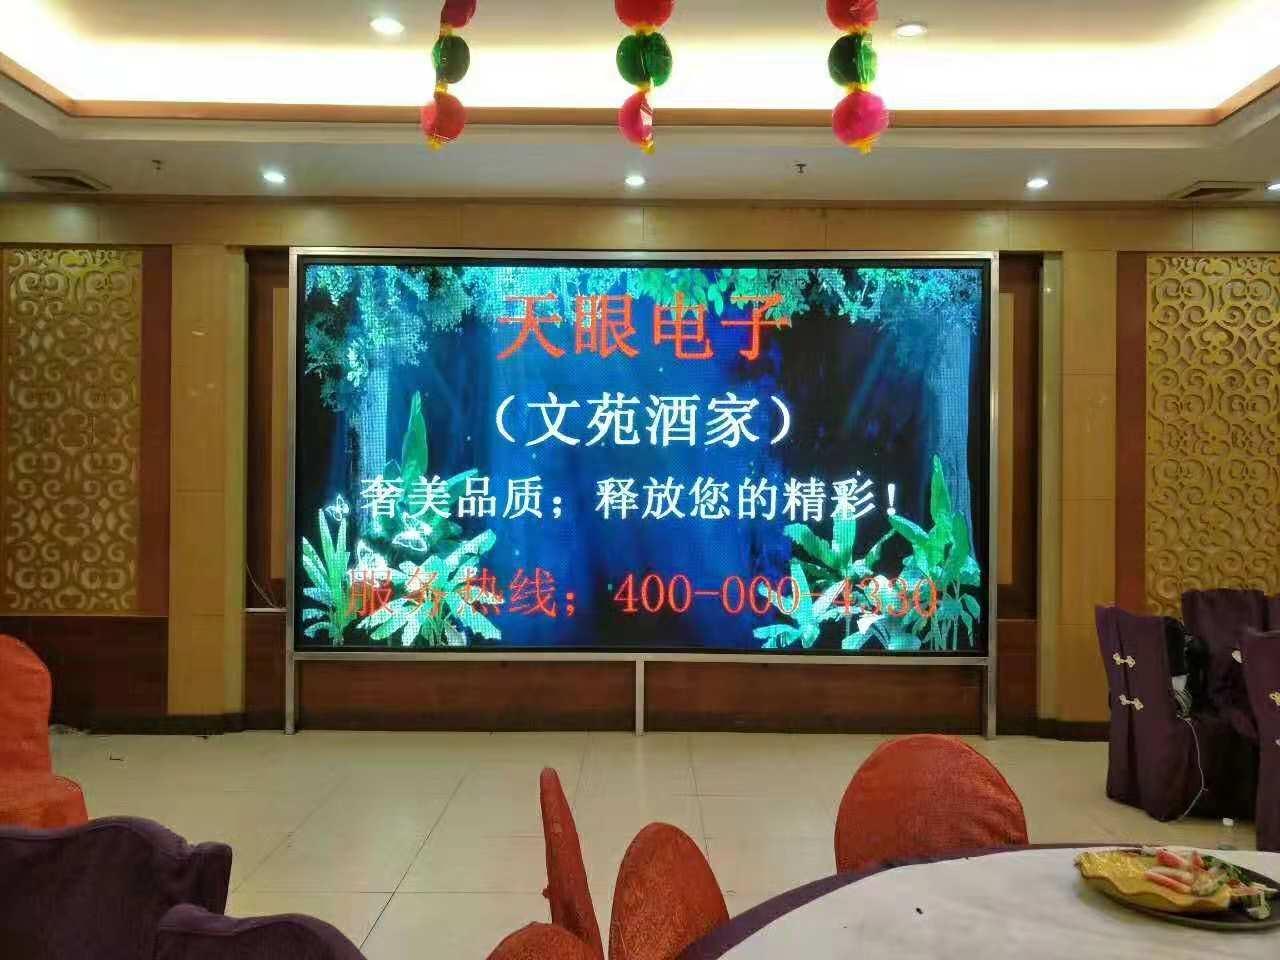 文苑酒家室內全彩LED顯示屏